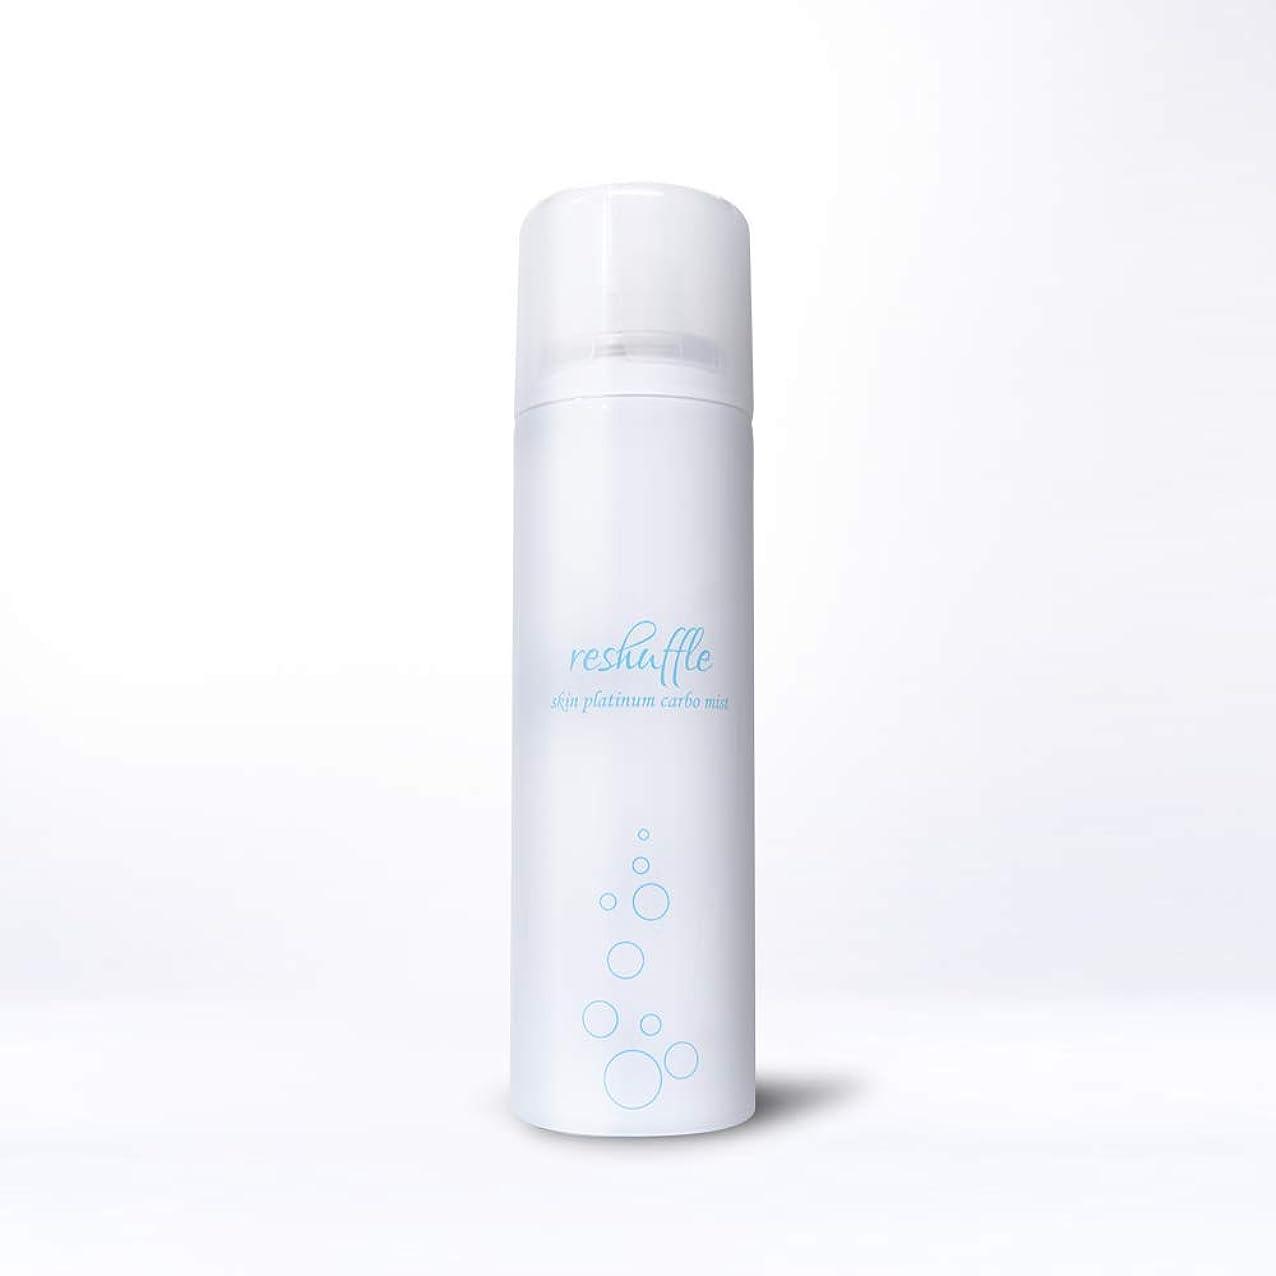 個人腰慈善ニキビ 角質ケア シミ そばかす 対策 炭酸化粧水 リシャッフル/炭酸スプレー美容液 (高濃度 グリチルリチン酸 2K 配合) オールインワンミスト